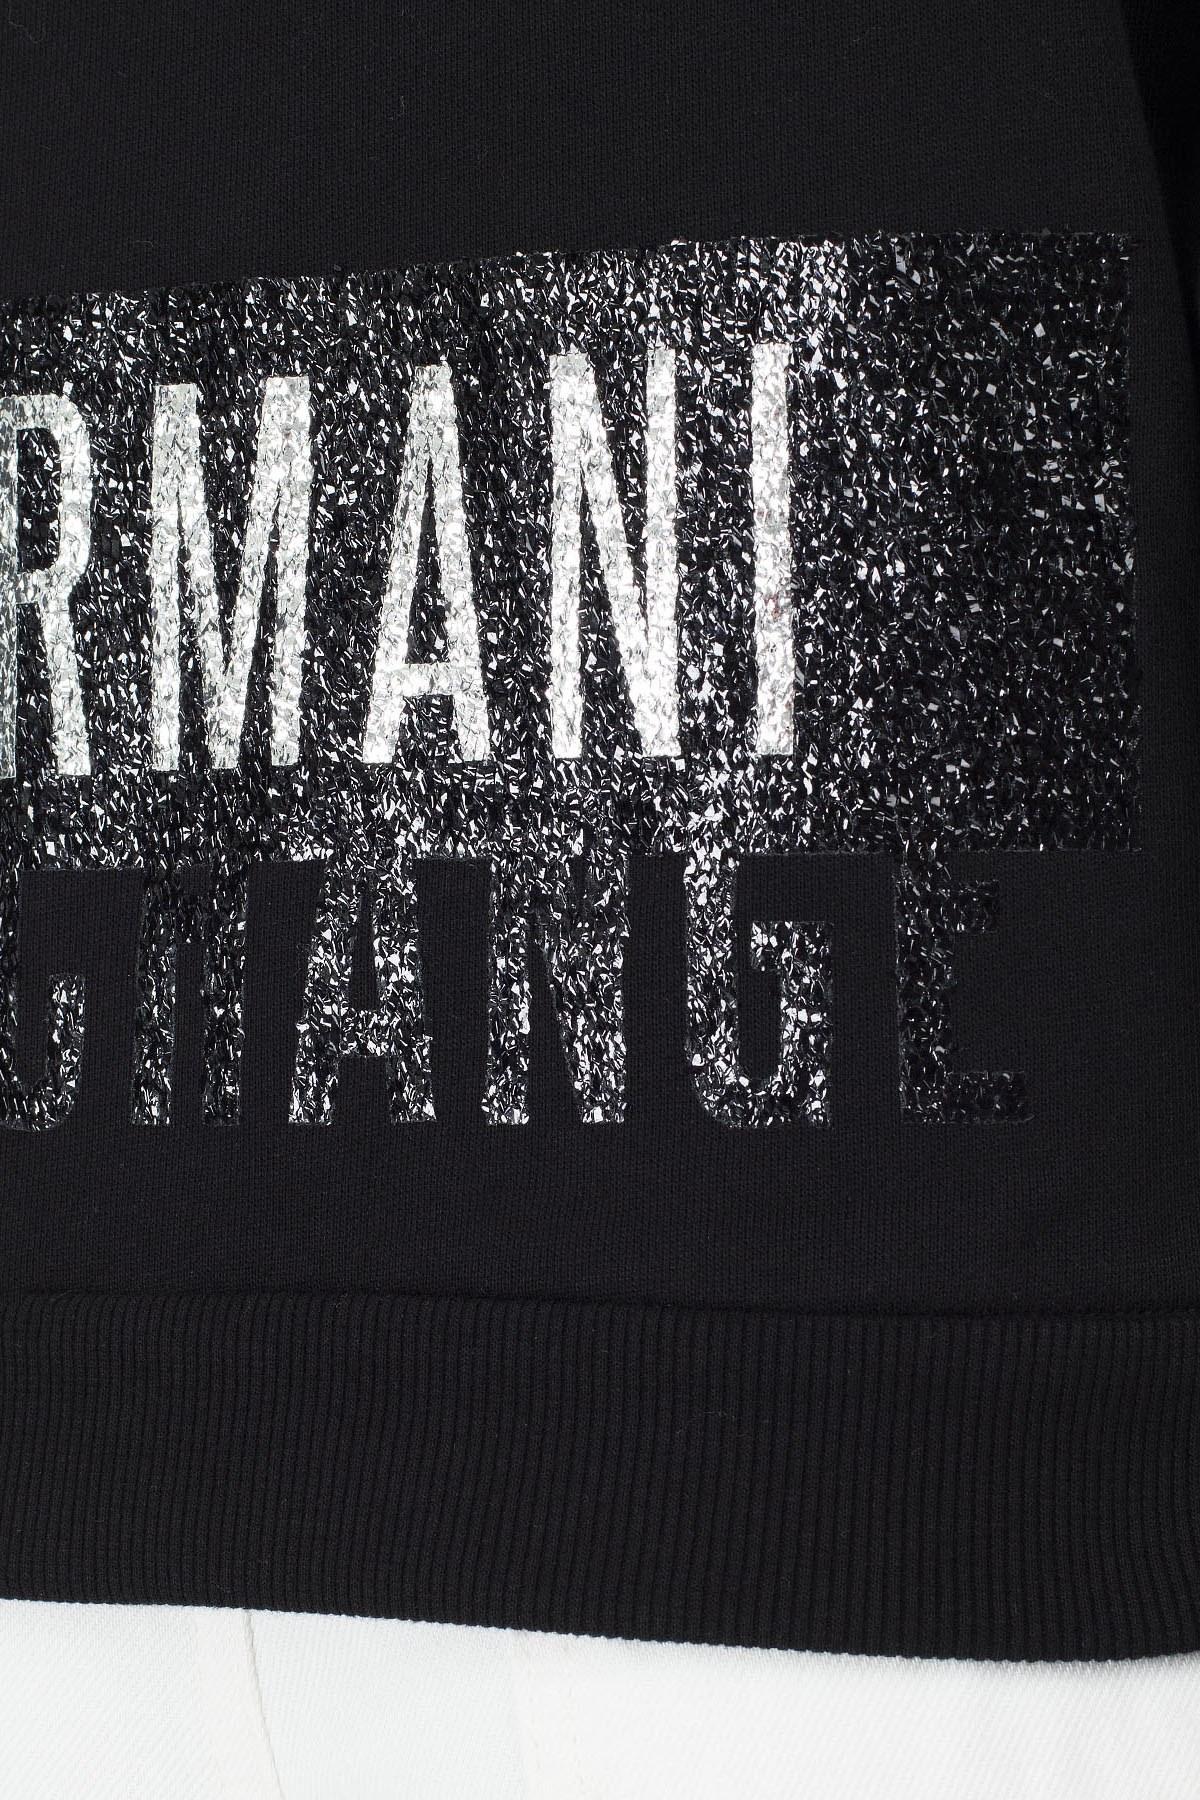 Armani Exchange Parlak Baskılı Kapüşonlu Regular Fit Kadın Sweat S 6GYM26 YJE5Z 1200 SİYAH